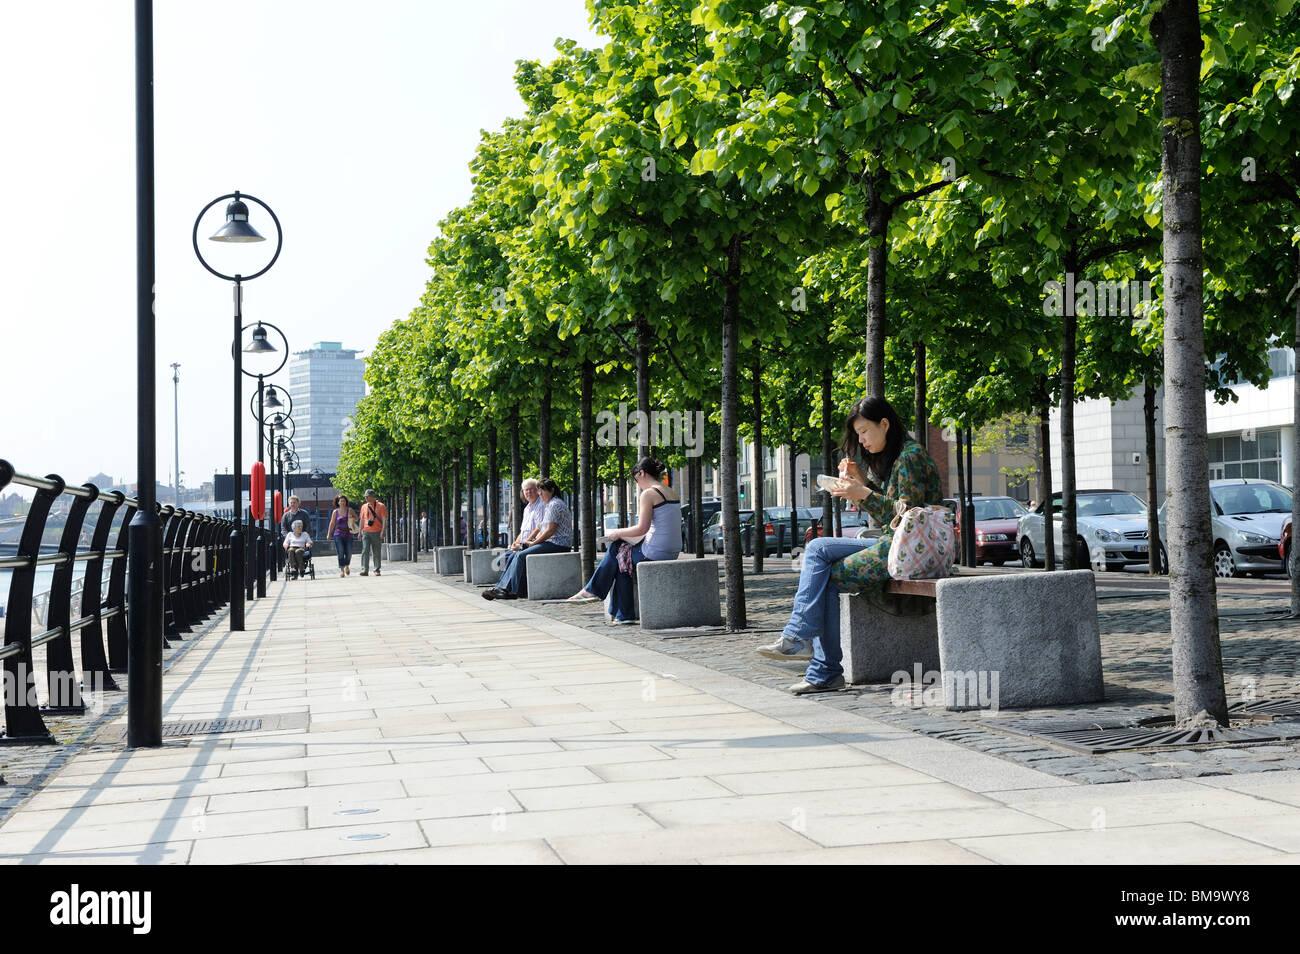 Pedestrian Walk alongside the river Liffey in Dublin City, Ireland - Stock Image